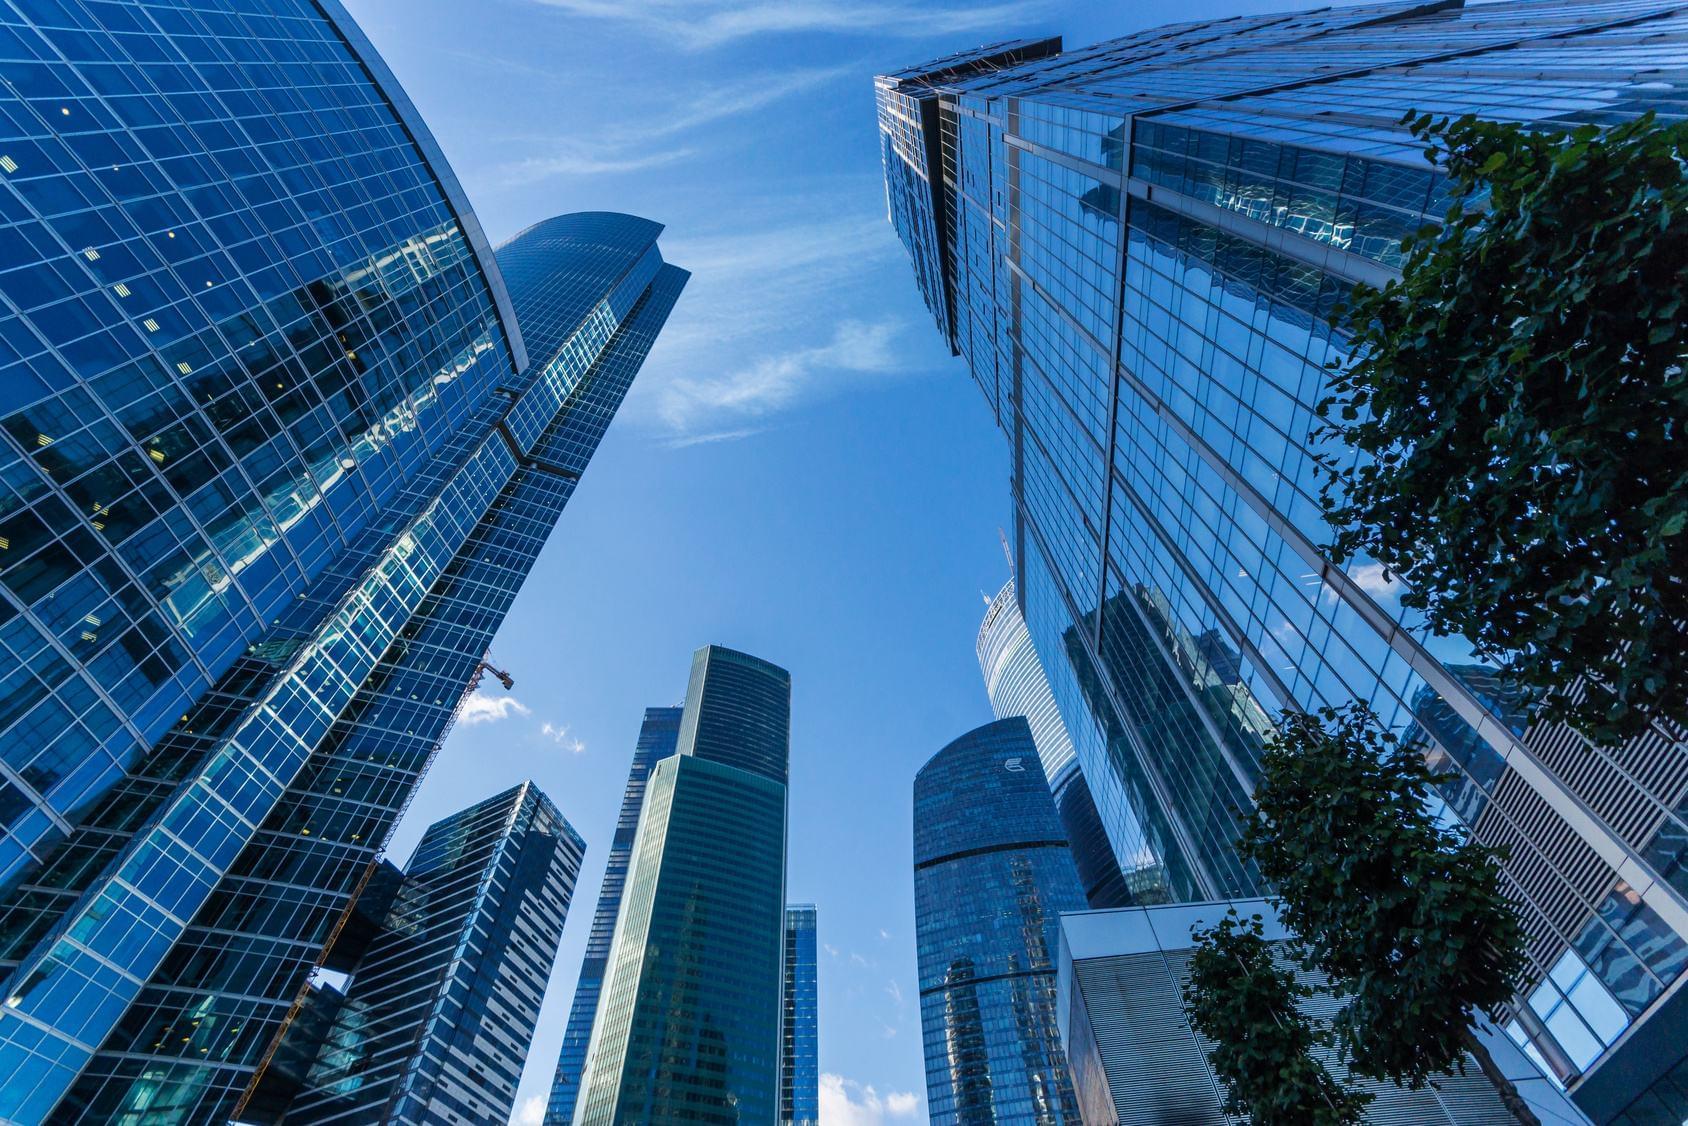 中国银行:下半年楼市调整持续 房价涨幅放